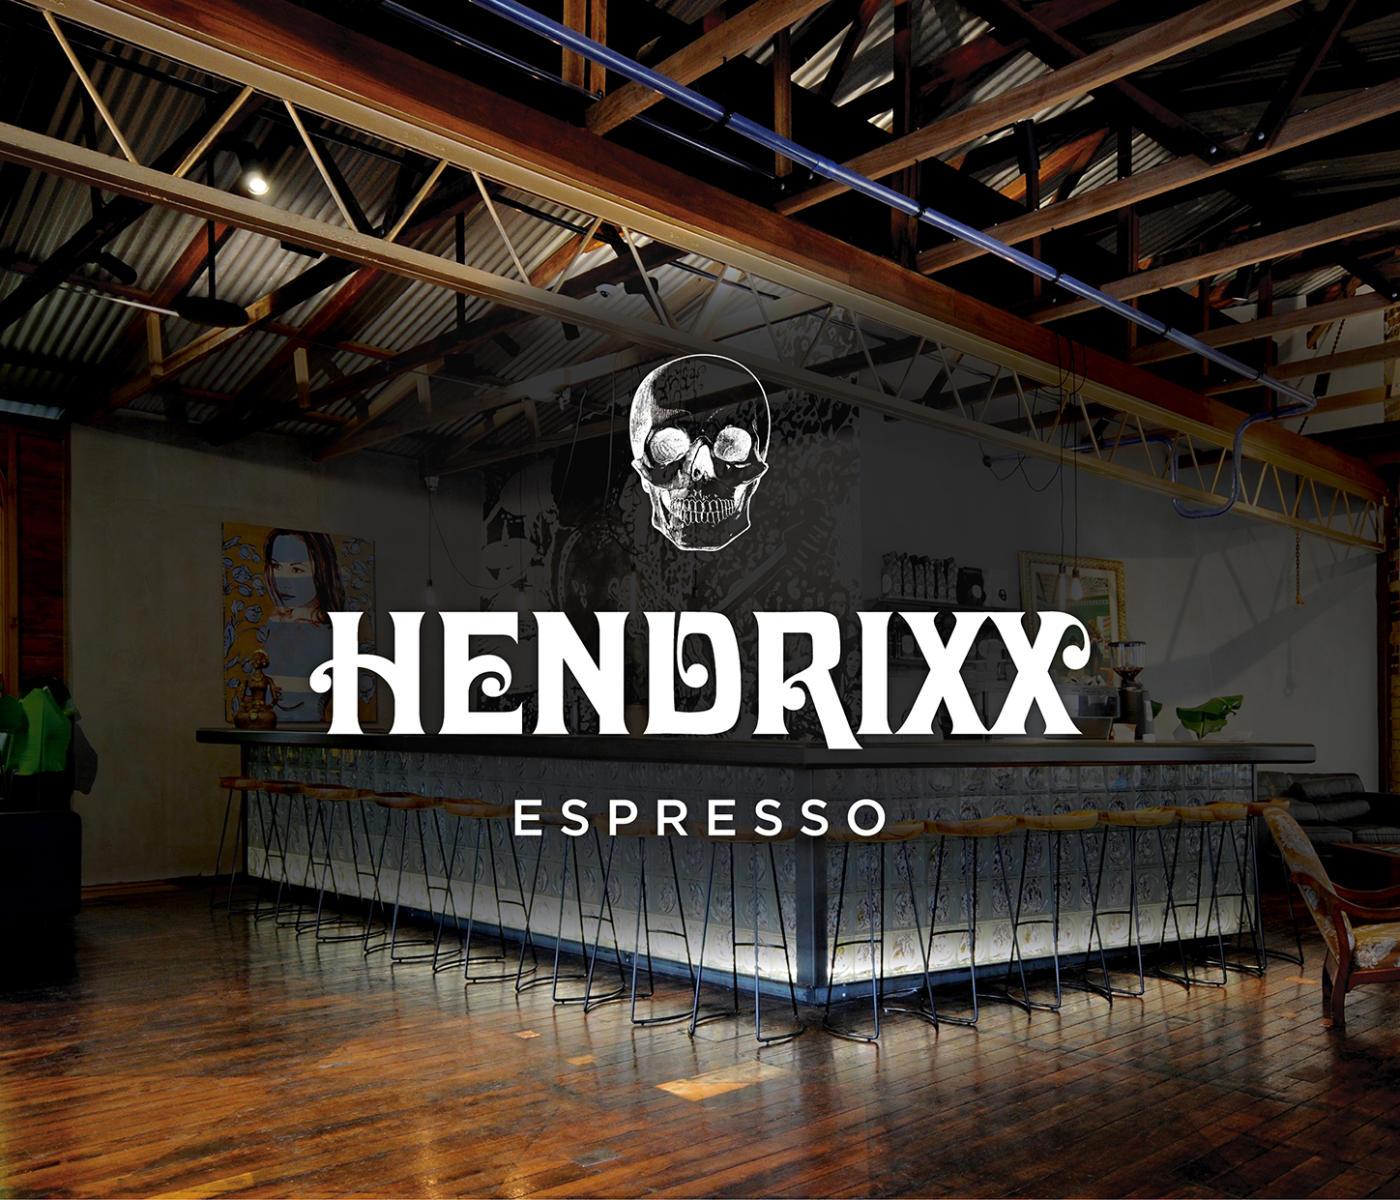 HendrixxSoftOpeningSlide